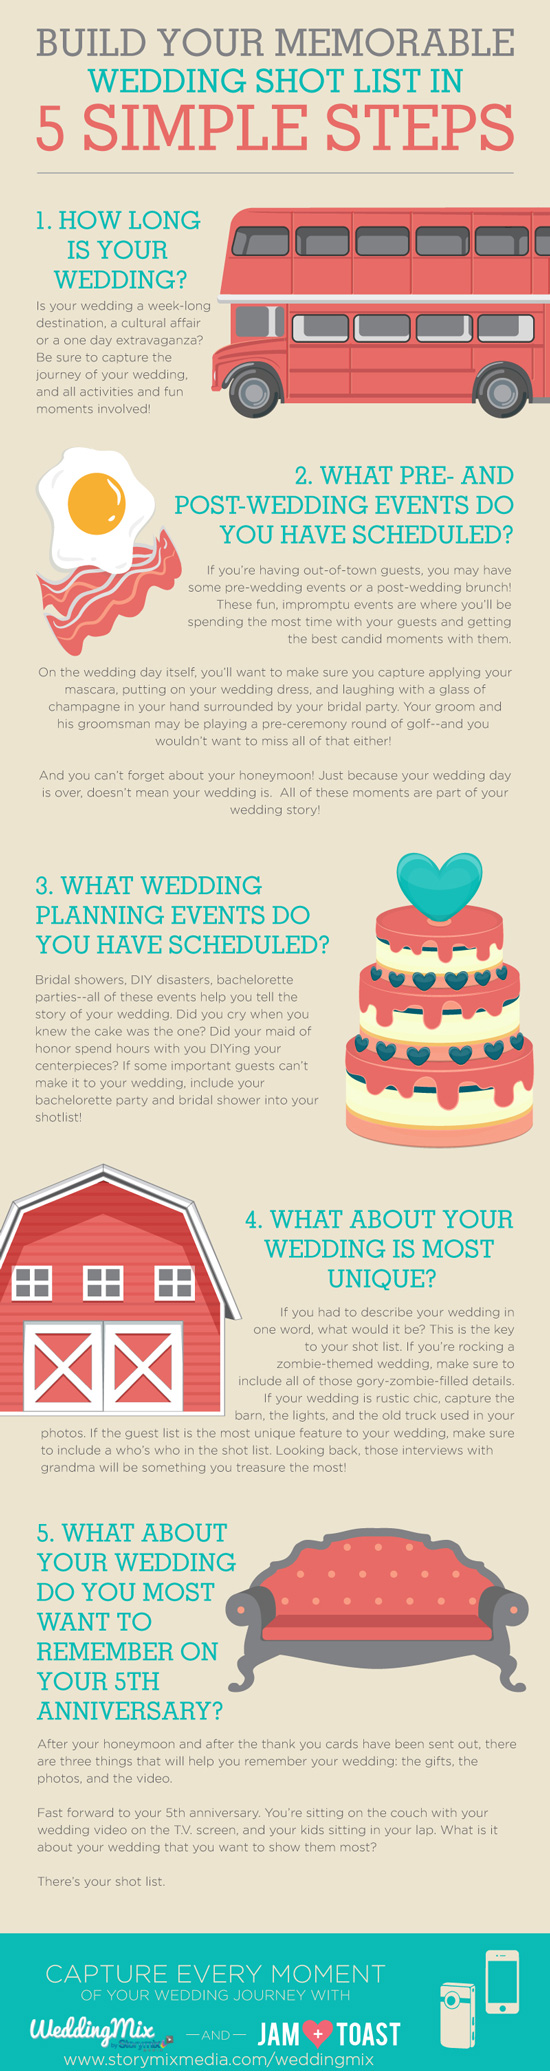 Wedding Photo CheckList - Infographic